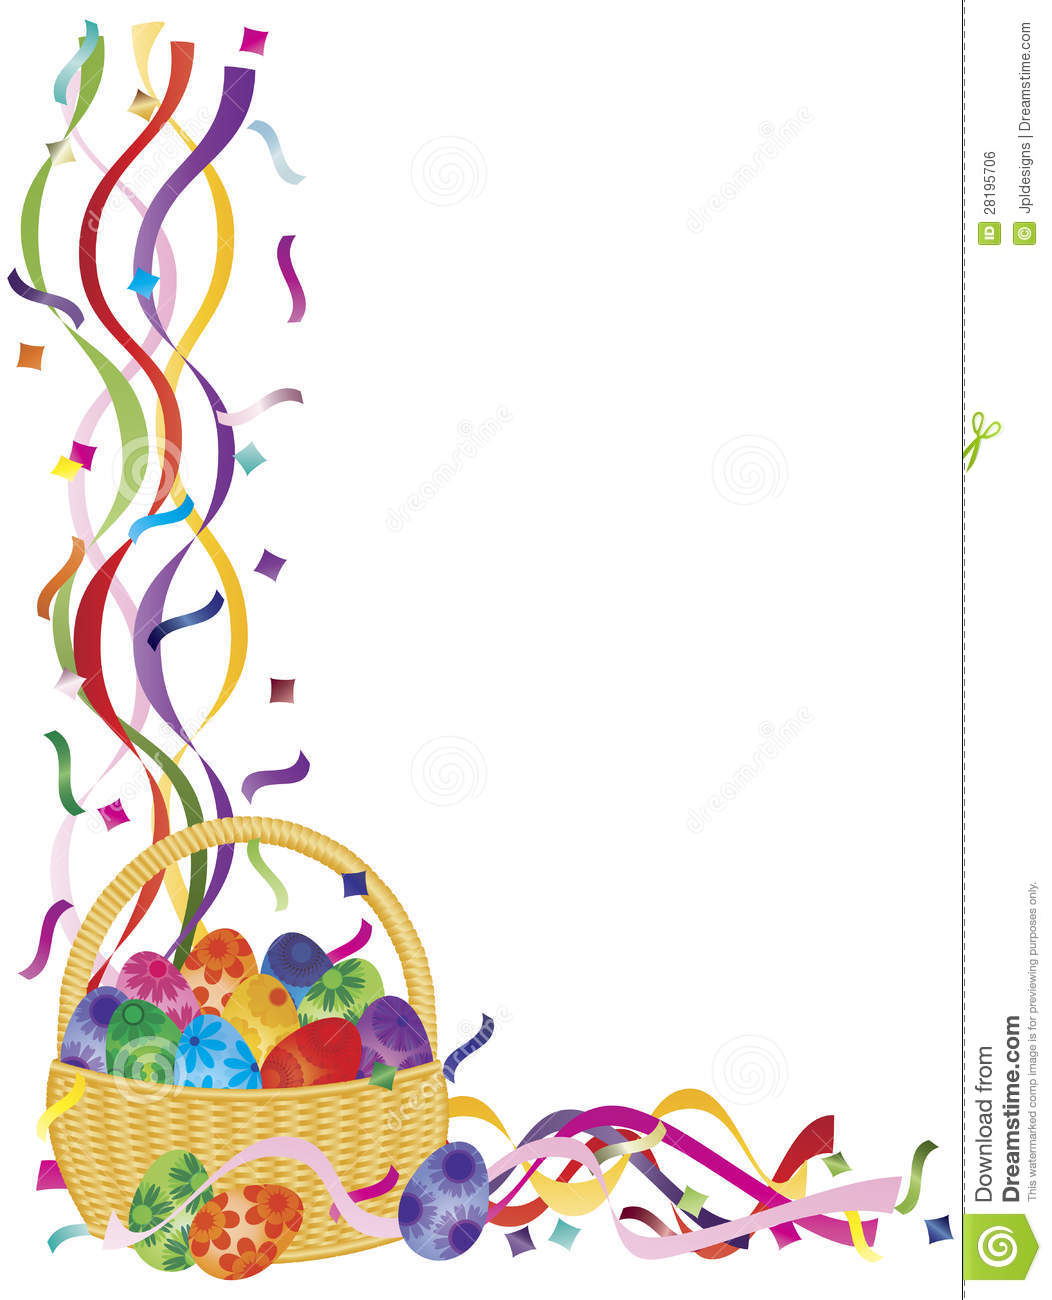 15 Easter Basket Border Graphics Images